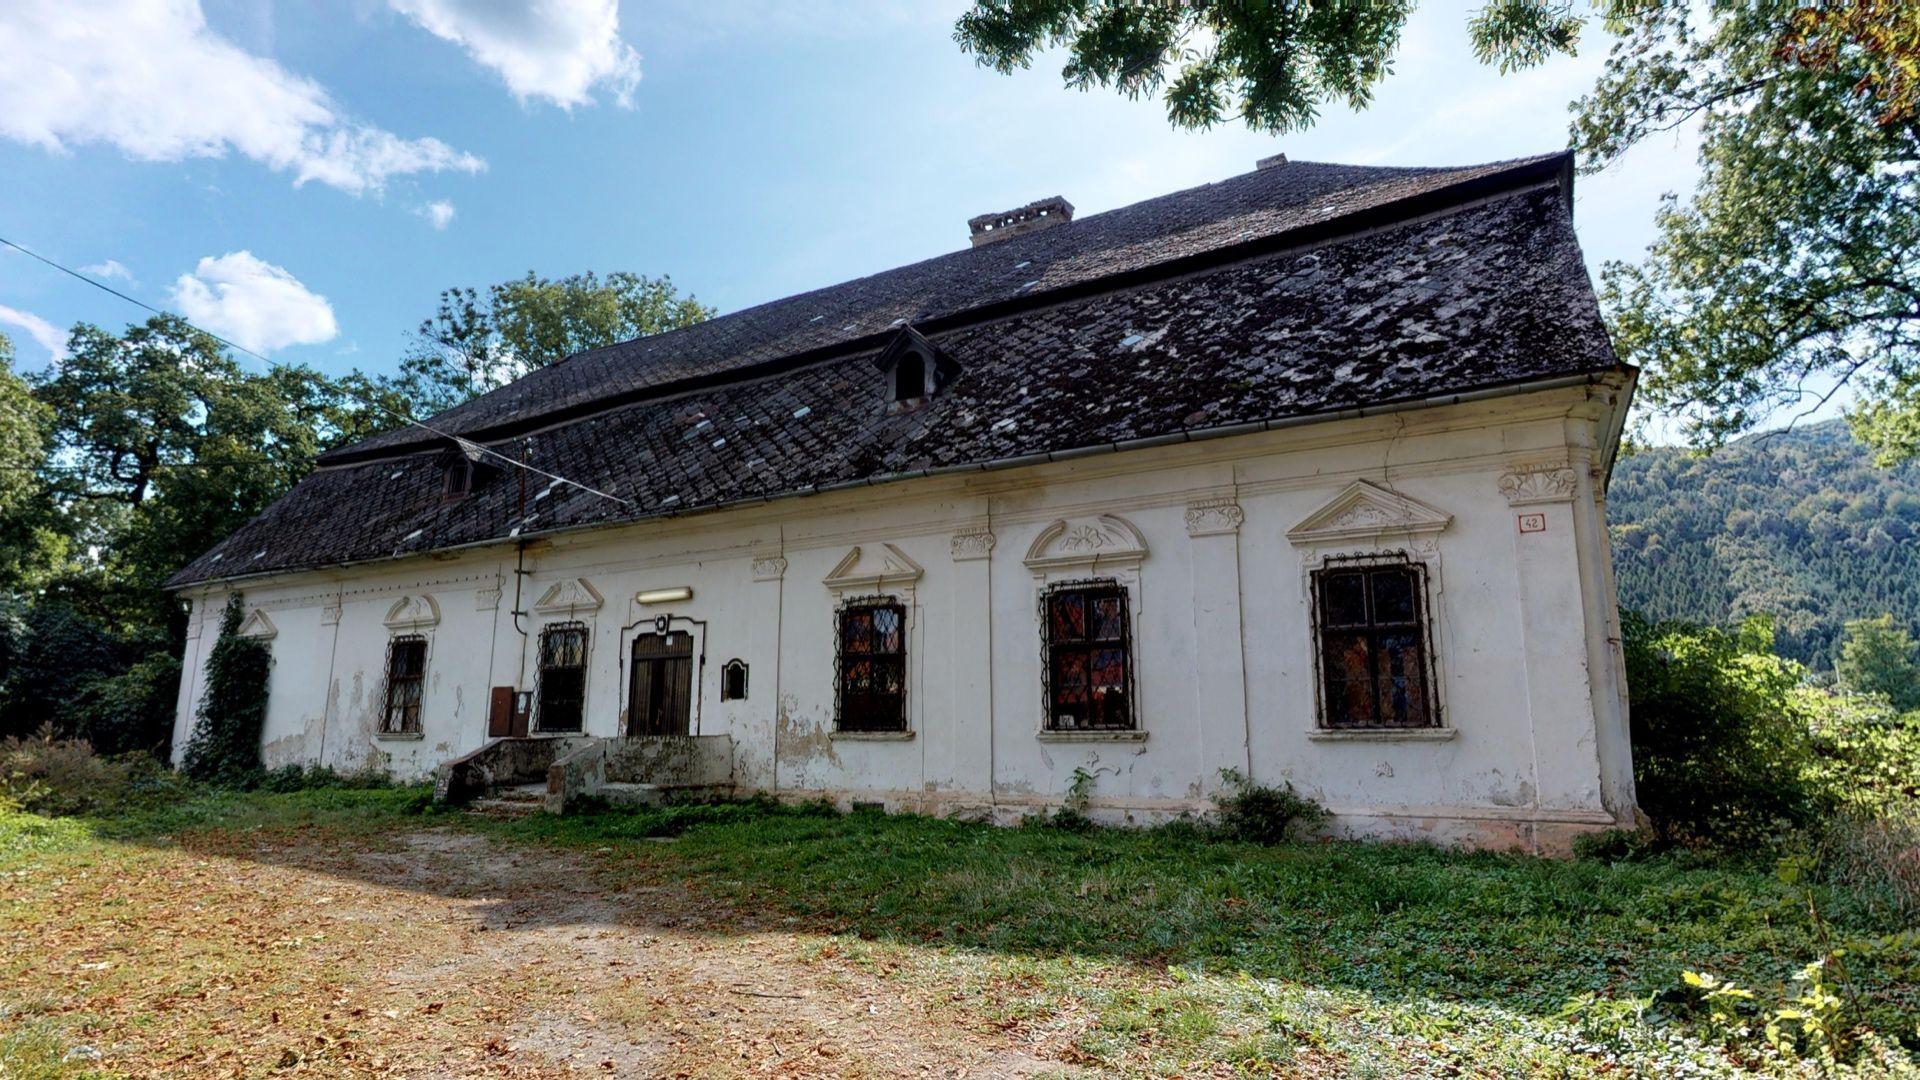 Iný-Predaj-Pečovská Nová Ves-259990.00 €